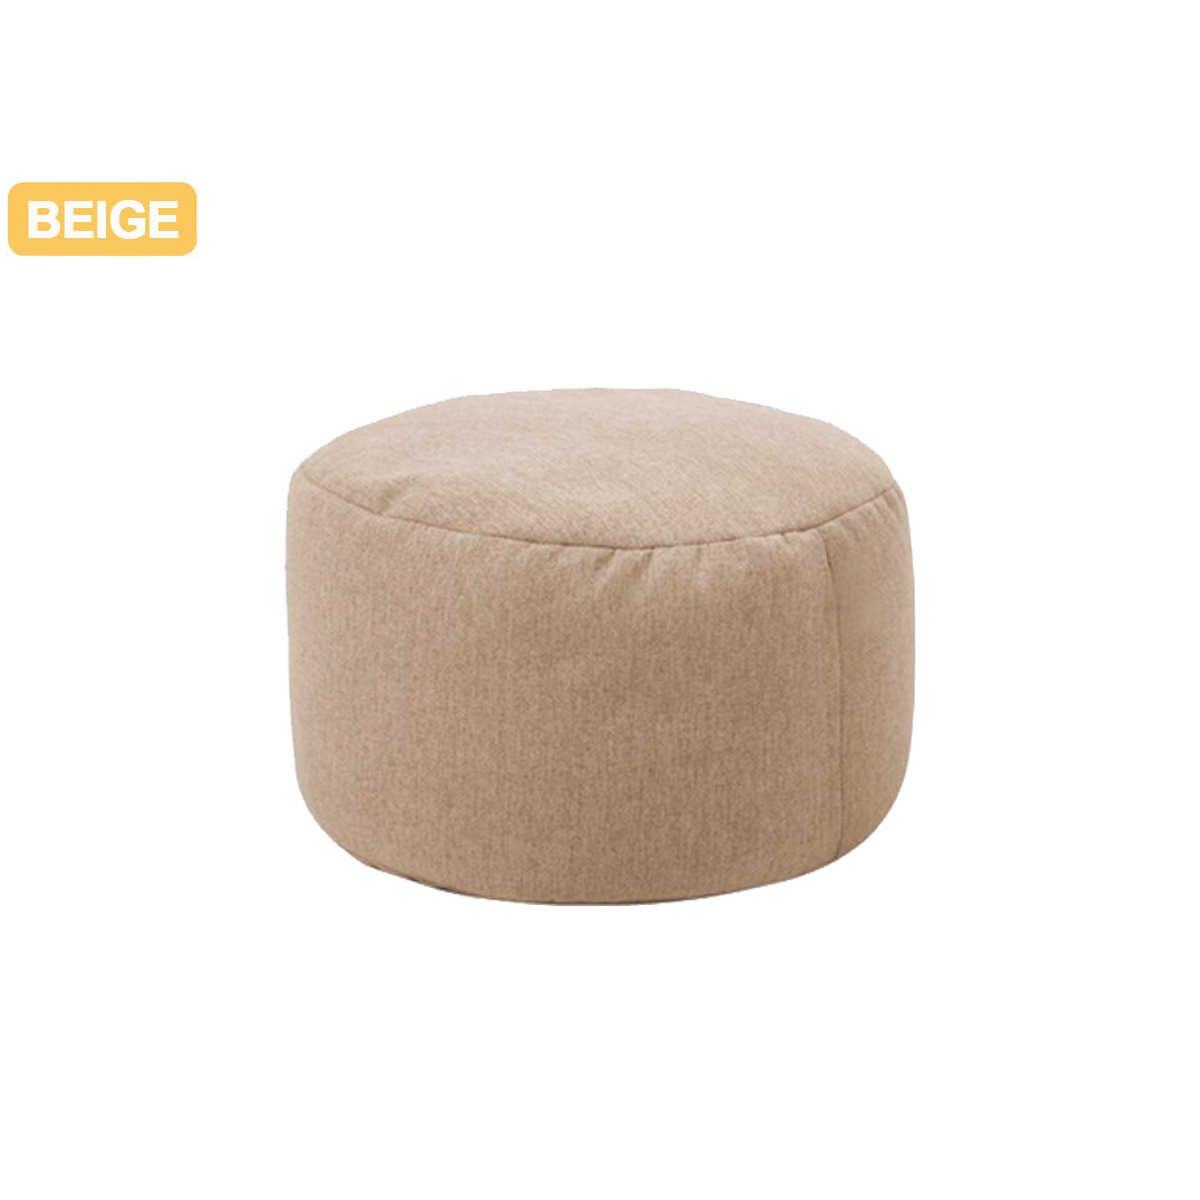 Cor sólida Tampa Da Cadeira Sofás Beanbag sem Enchimento Redonda Pequena Armazenamento De Brinquedo de Pelúcia do Saco de Feijão Preguiçoso Sofá BeanBag Cobertura À Prova D' Água